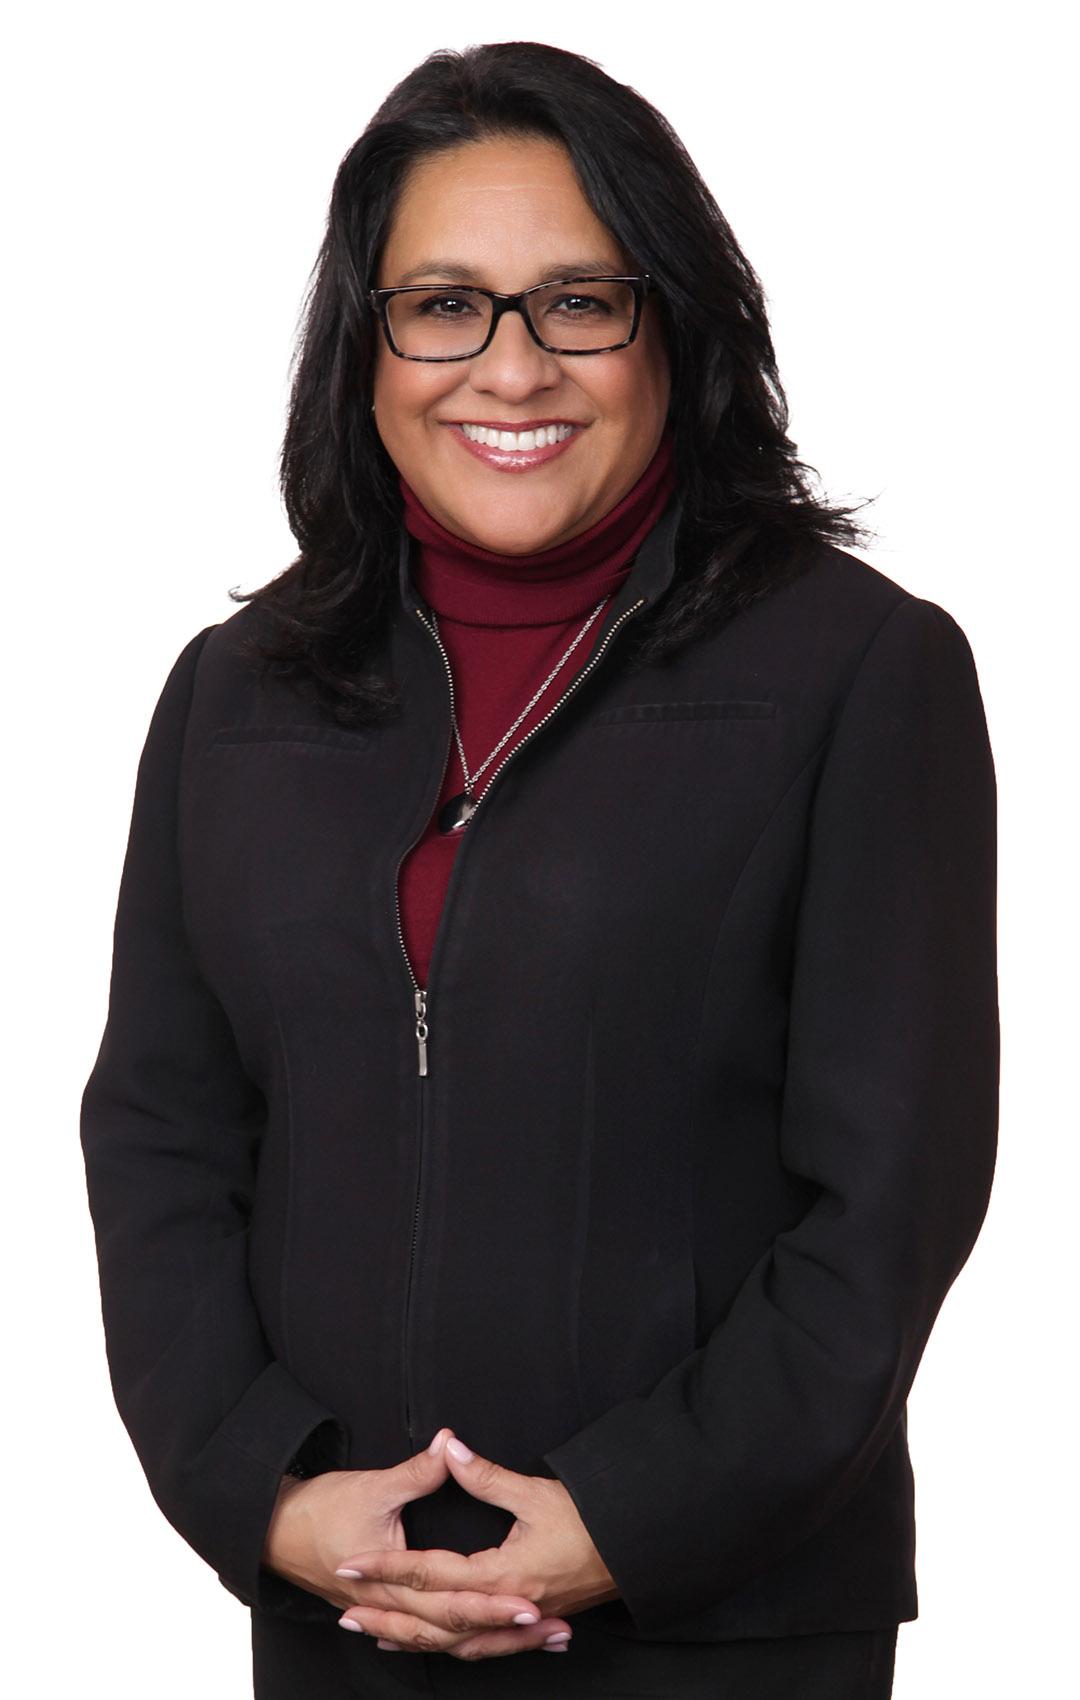 Lynda R. Jensen